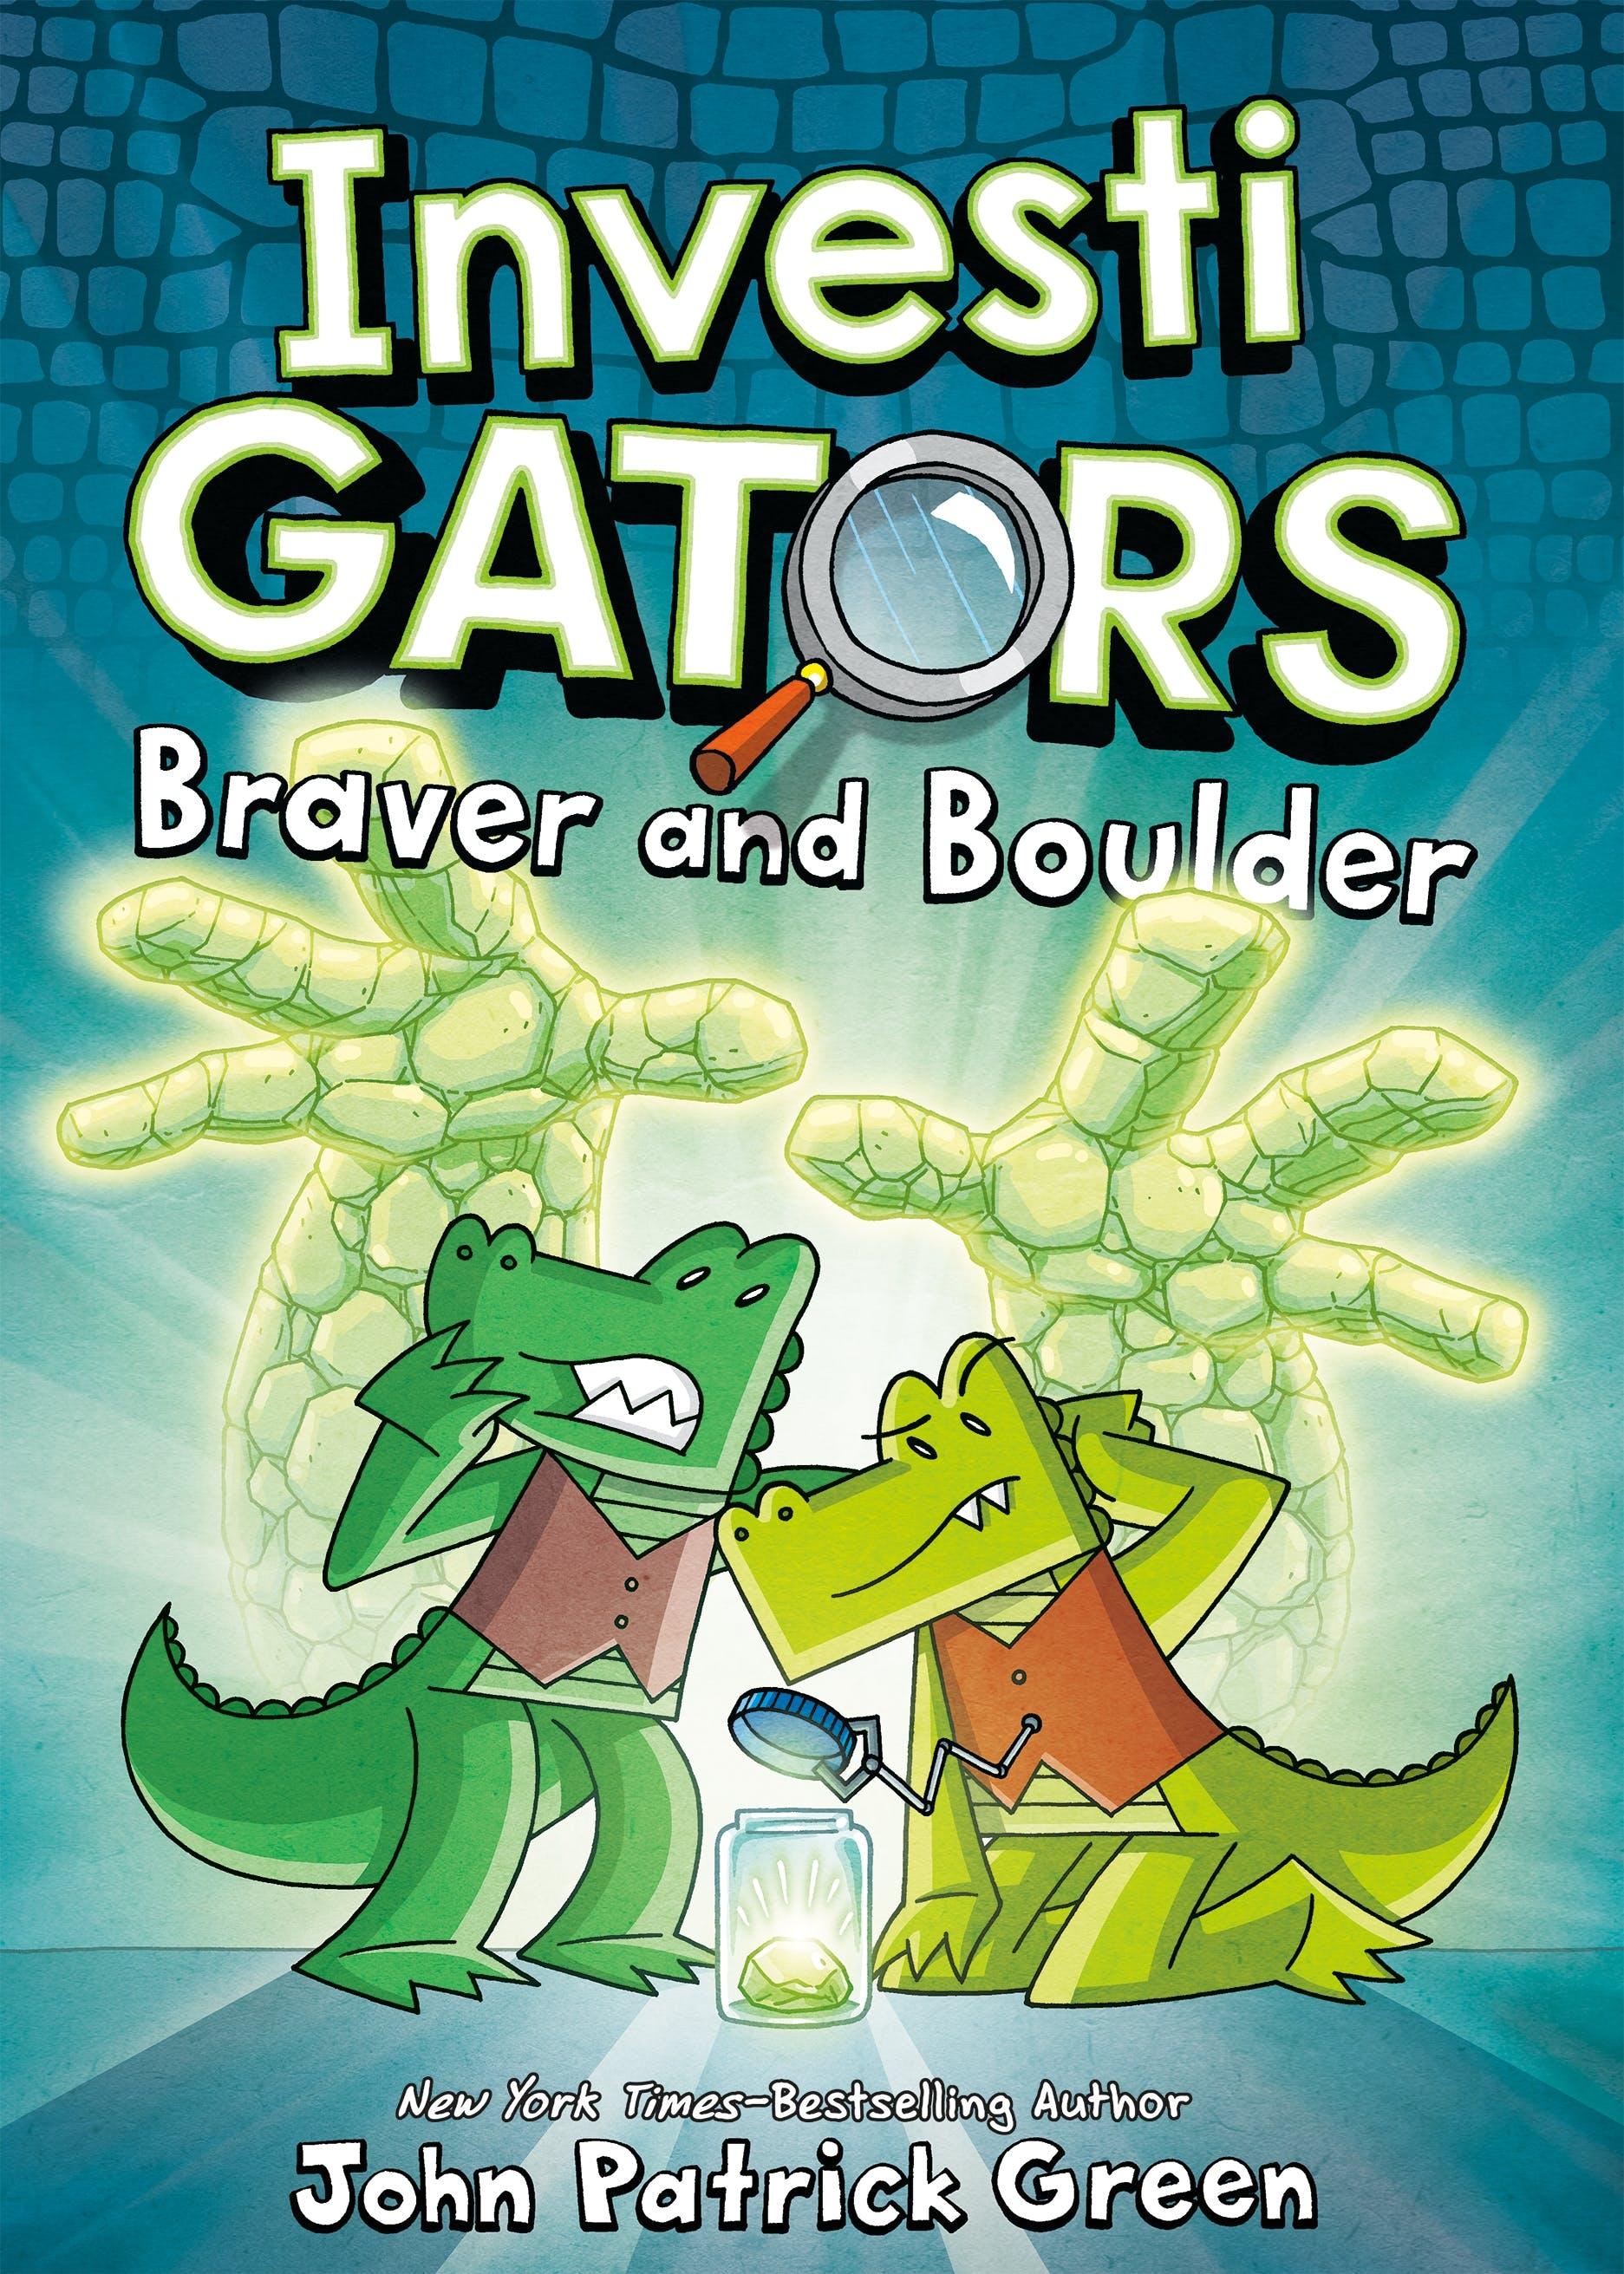 Image of InvestiGators: Braver and Boulder